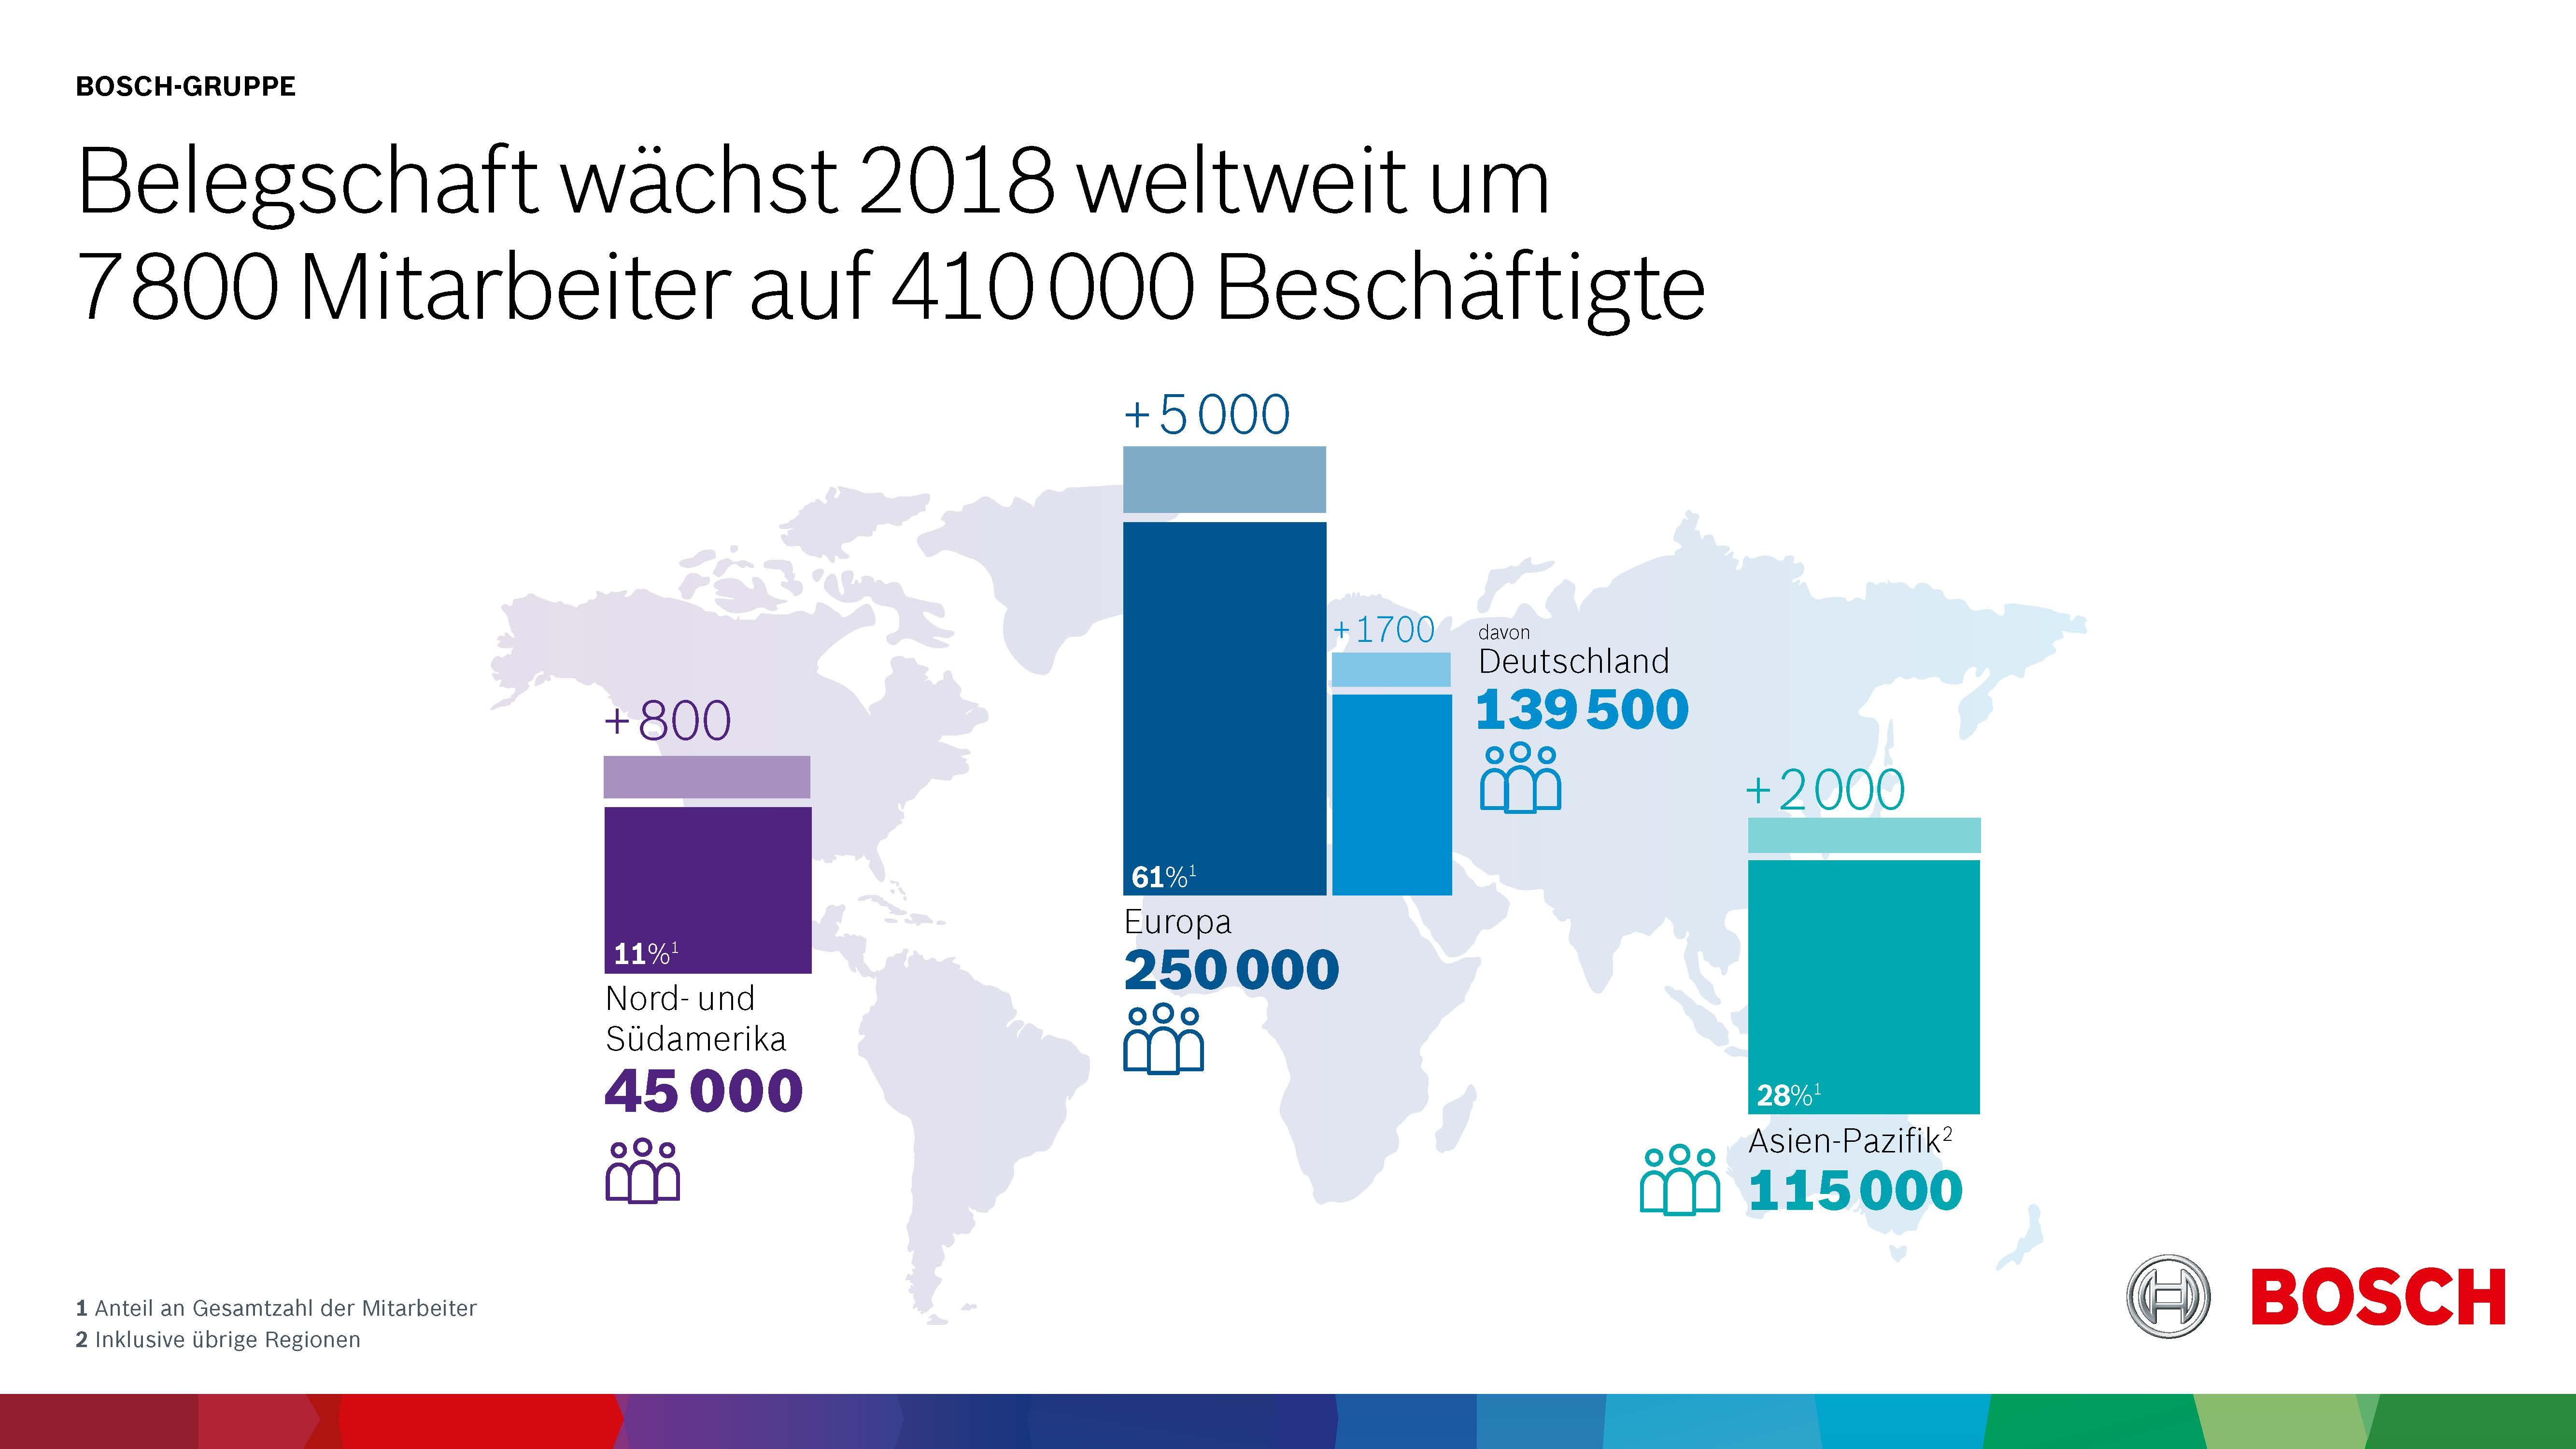 Belegschaft wächst 2018 weltweit um 7 800 Mitarbeiter auf 410 000 Beschäftigte